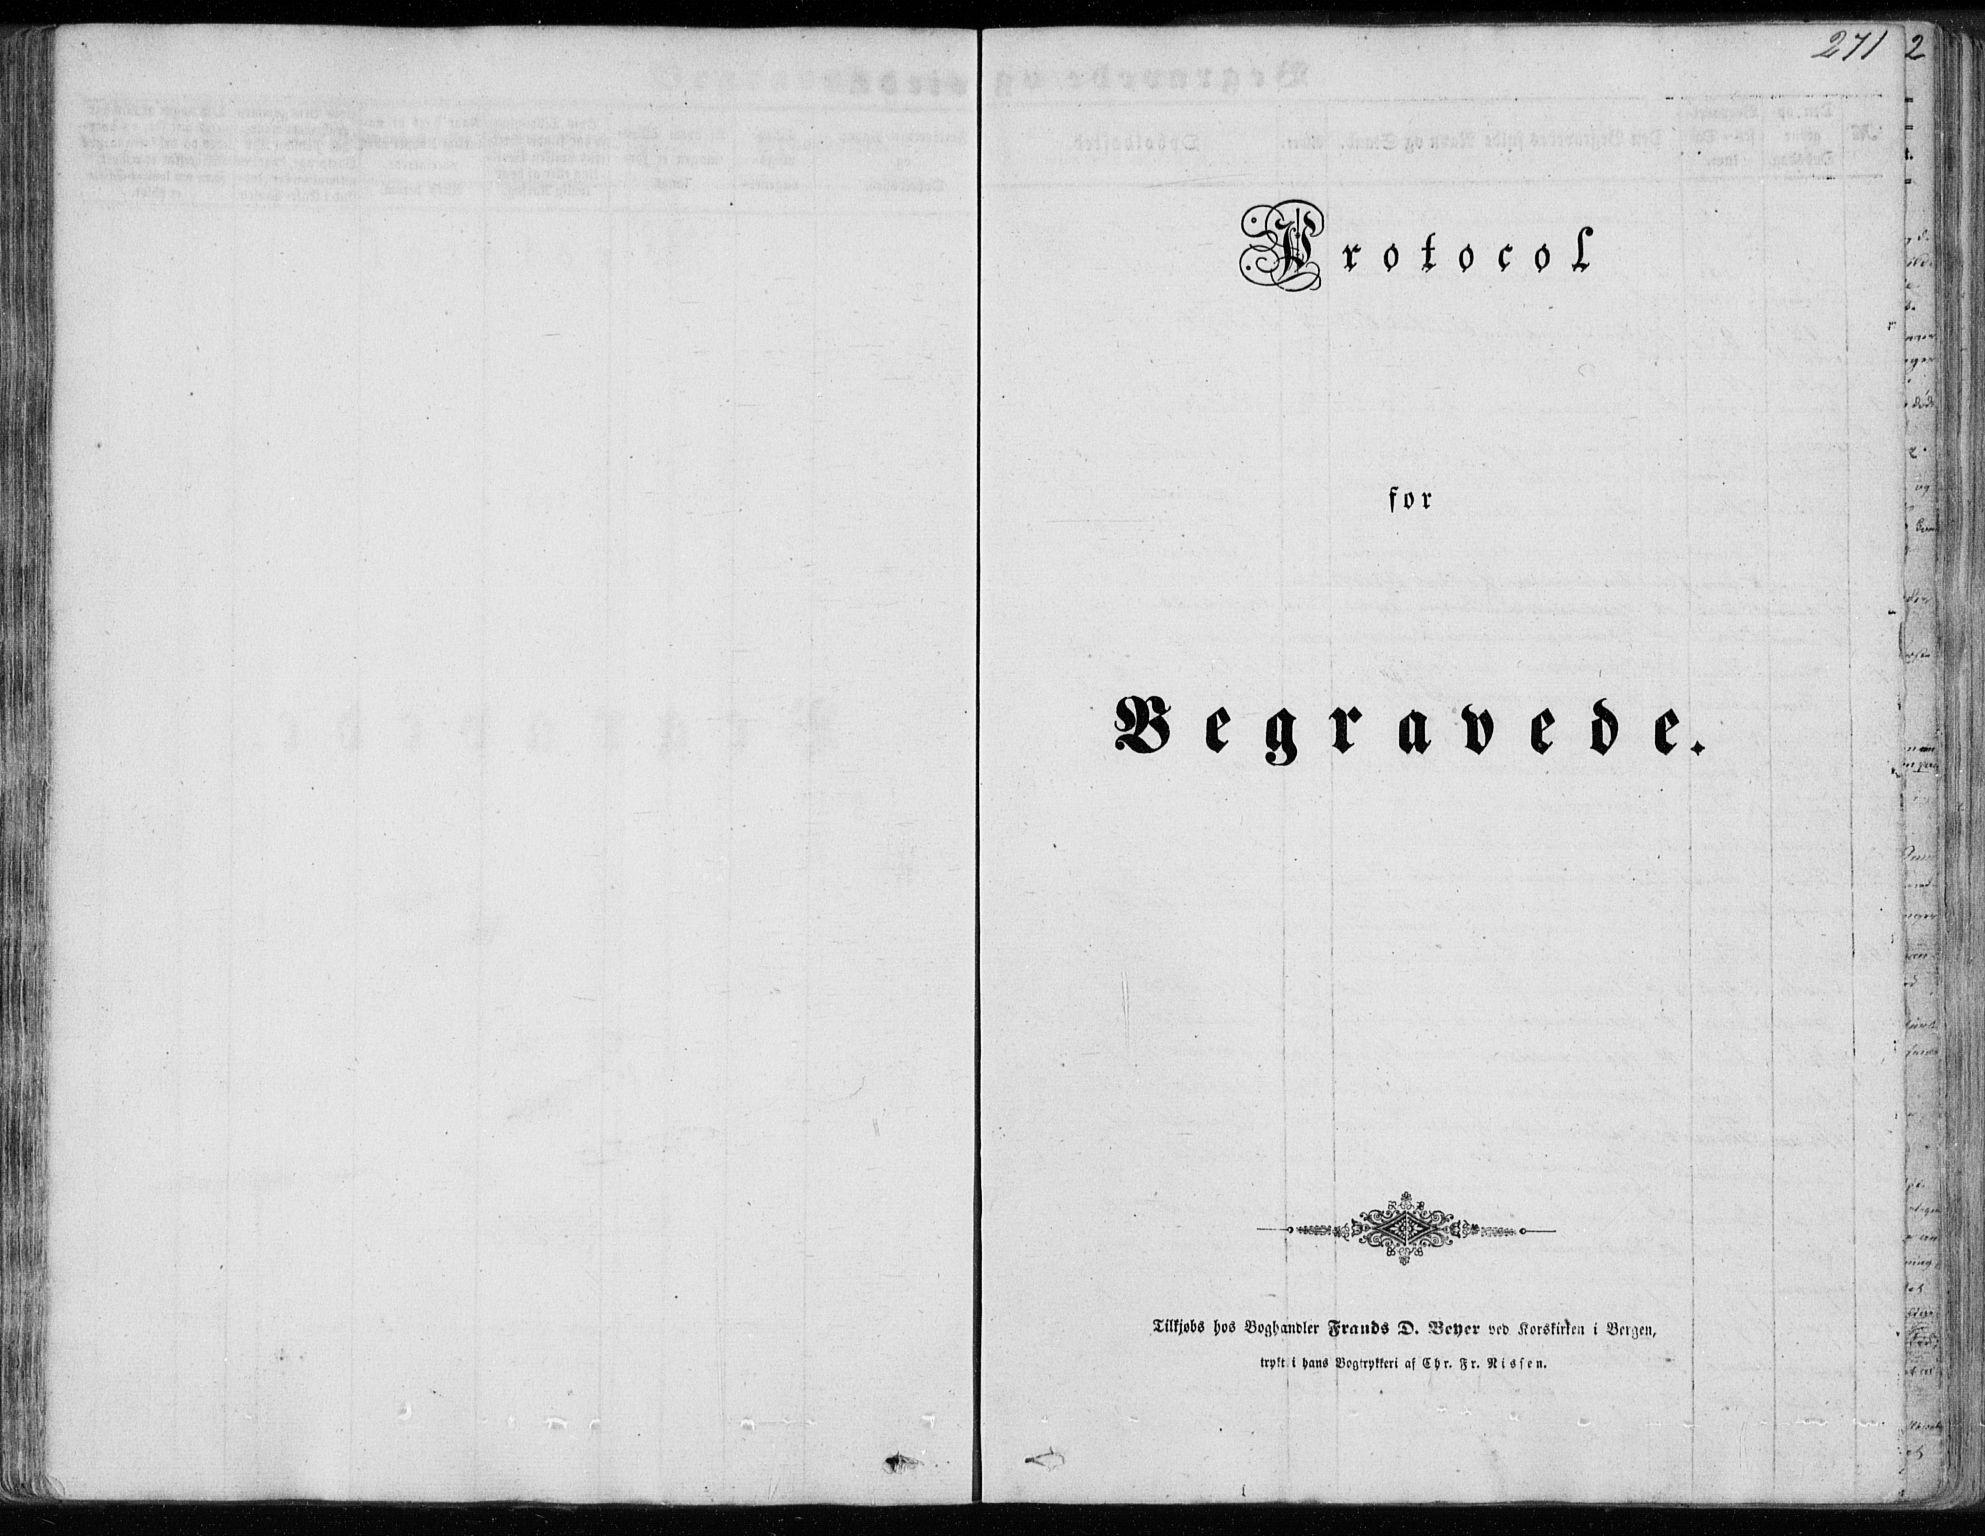 SAB, Sund sokneprestembete, Ministerialbok nr. A 14, 1850-1866, s. 271